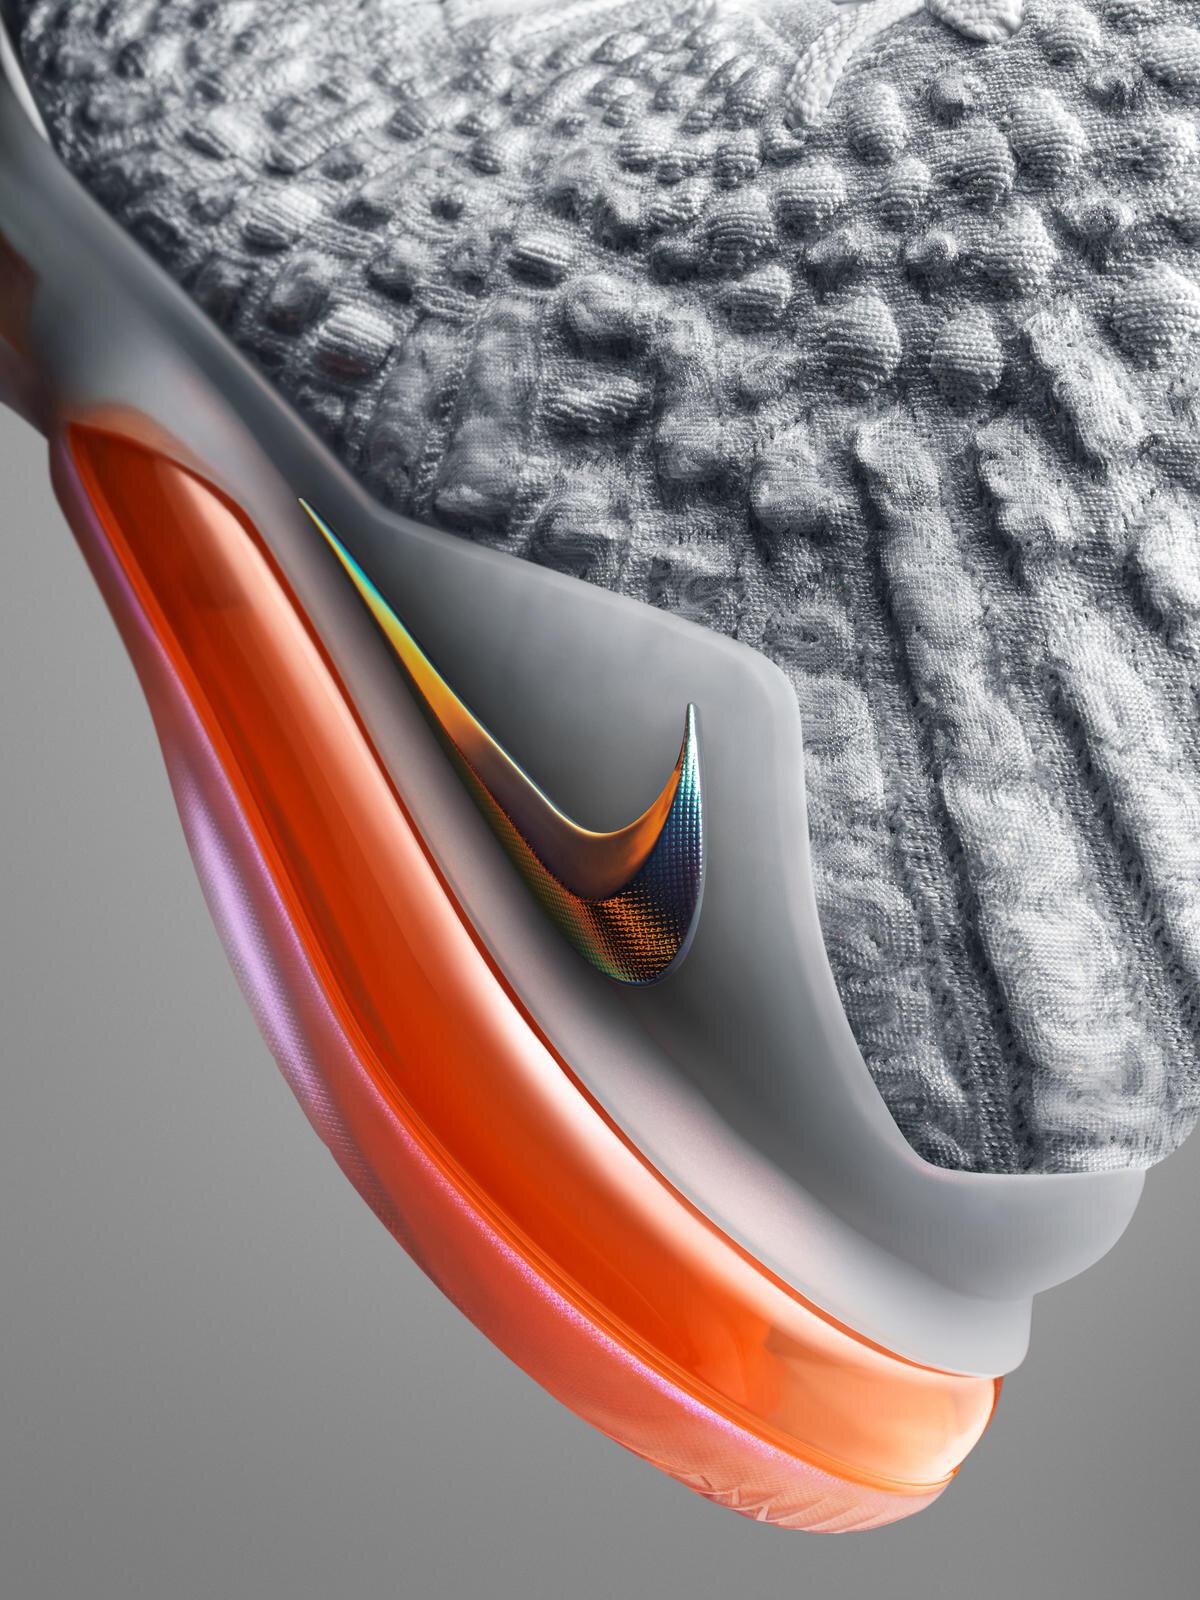 NikeNews_HO19_BB_LeBron17_FutureAir_Airbag_V3_90320.jpg